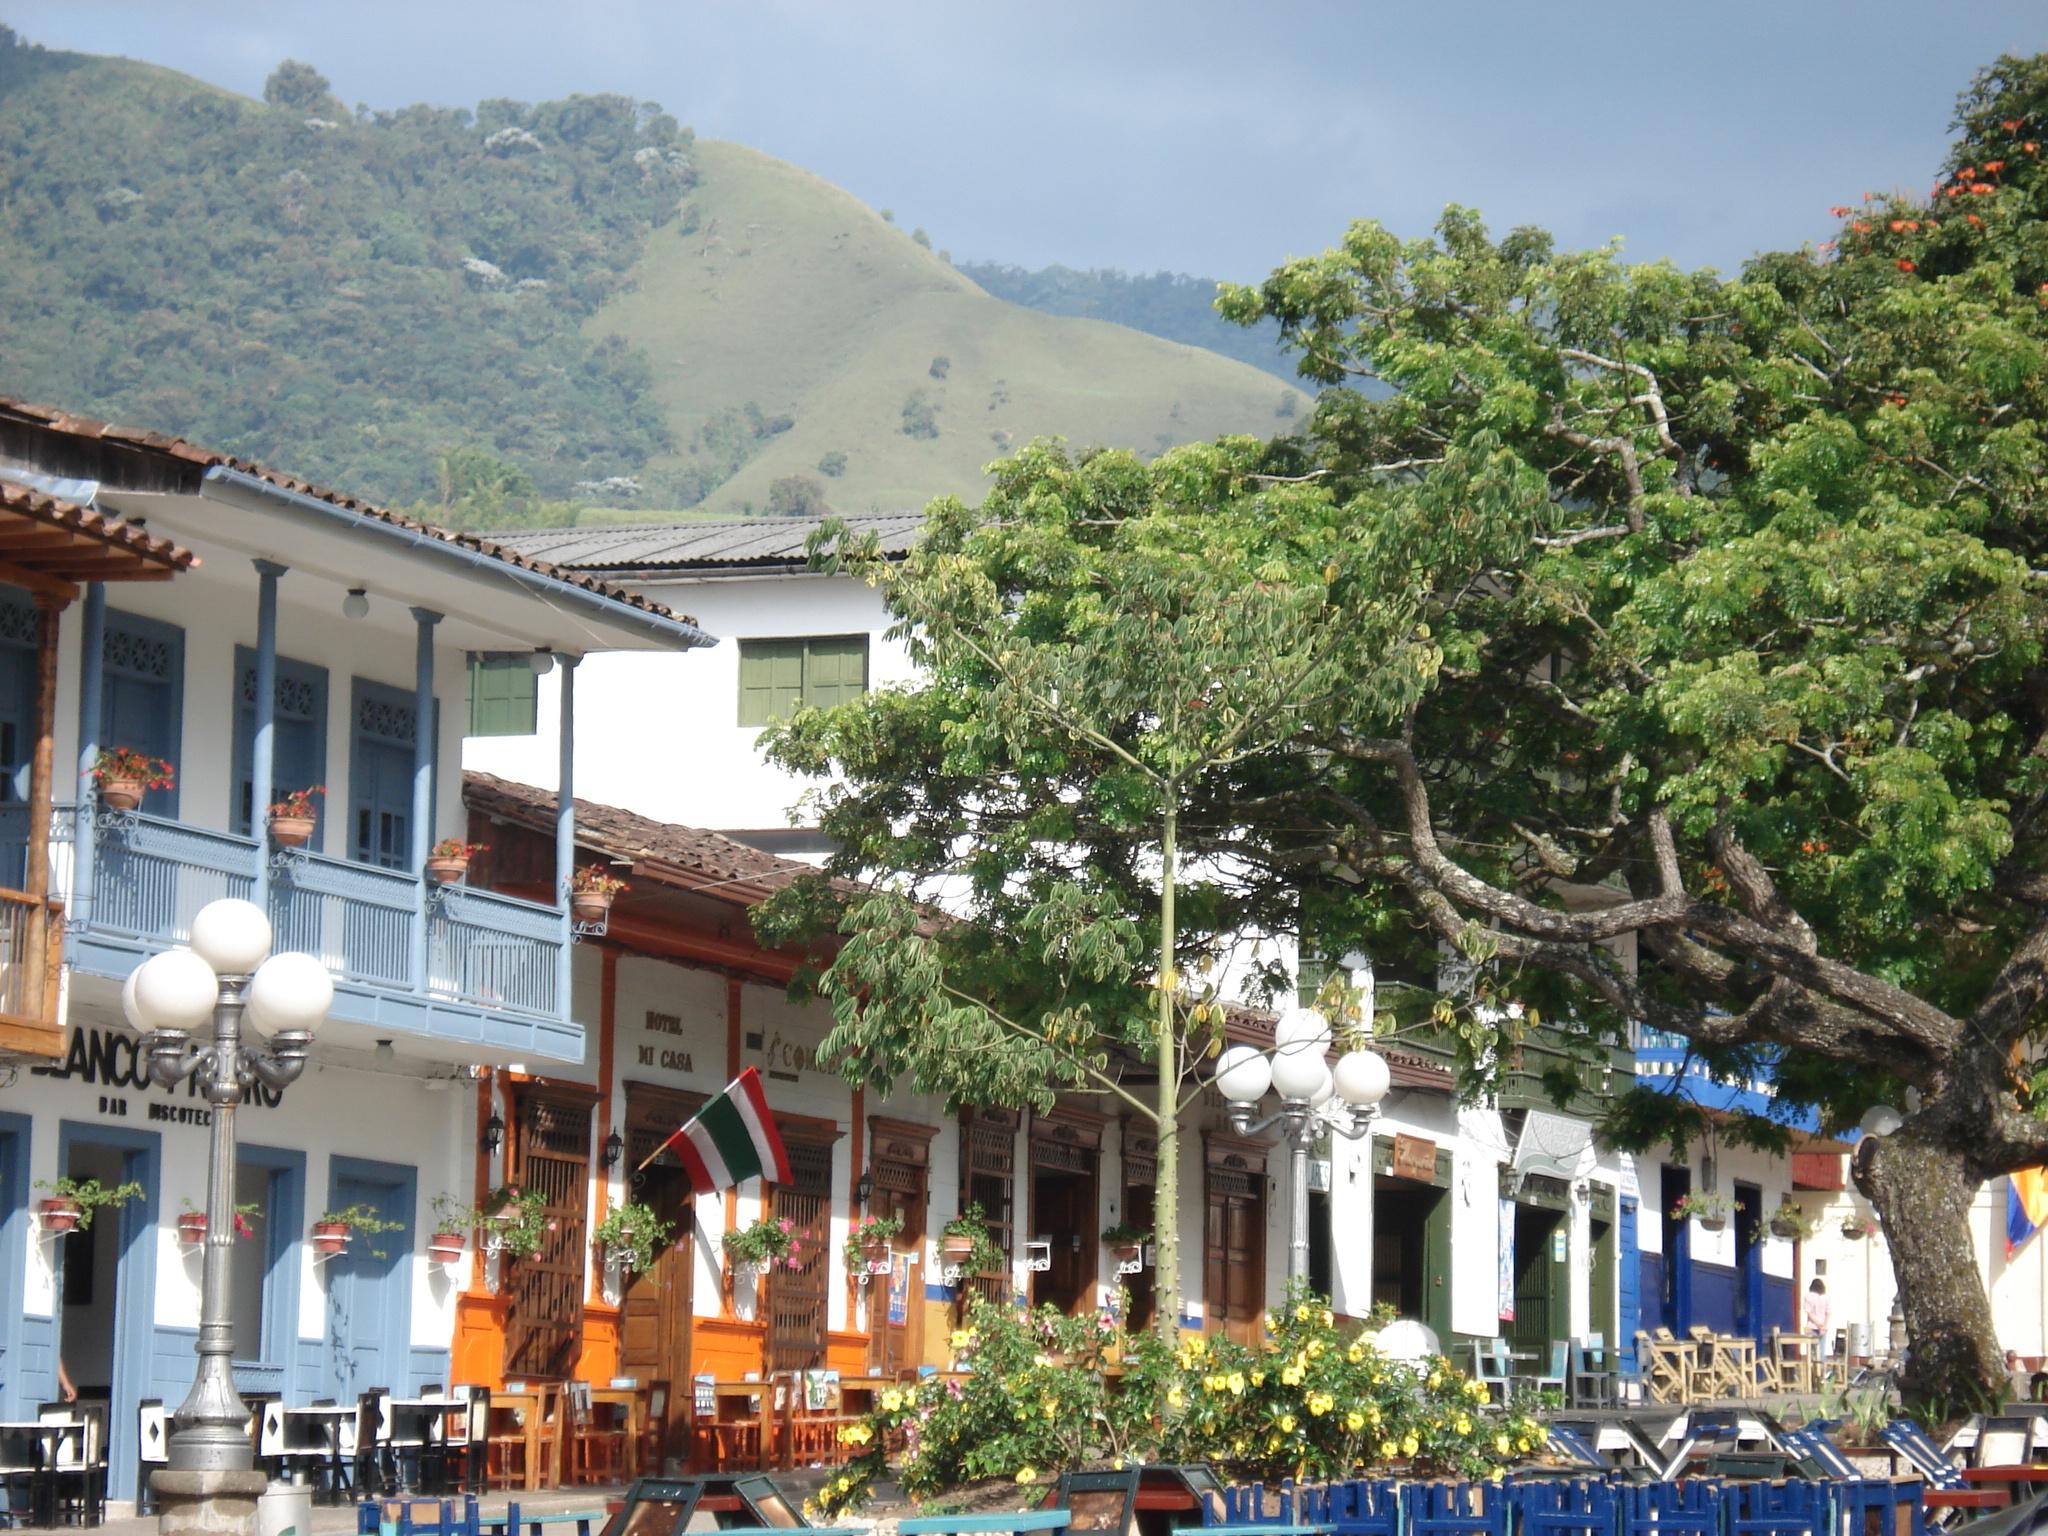 Dos ni as quemadas con p lvora en el parque principal de for Antioquia jardin